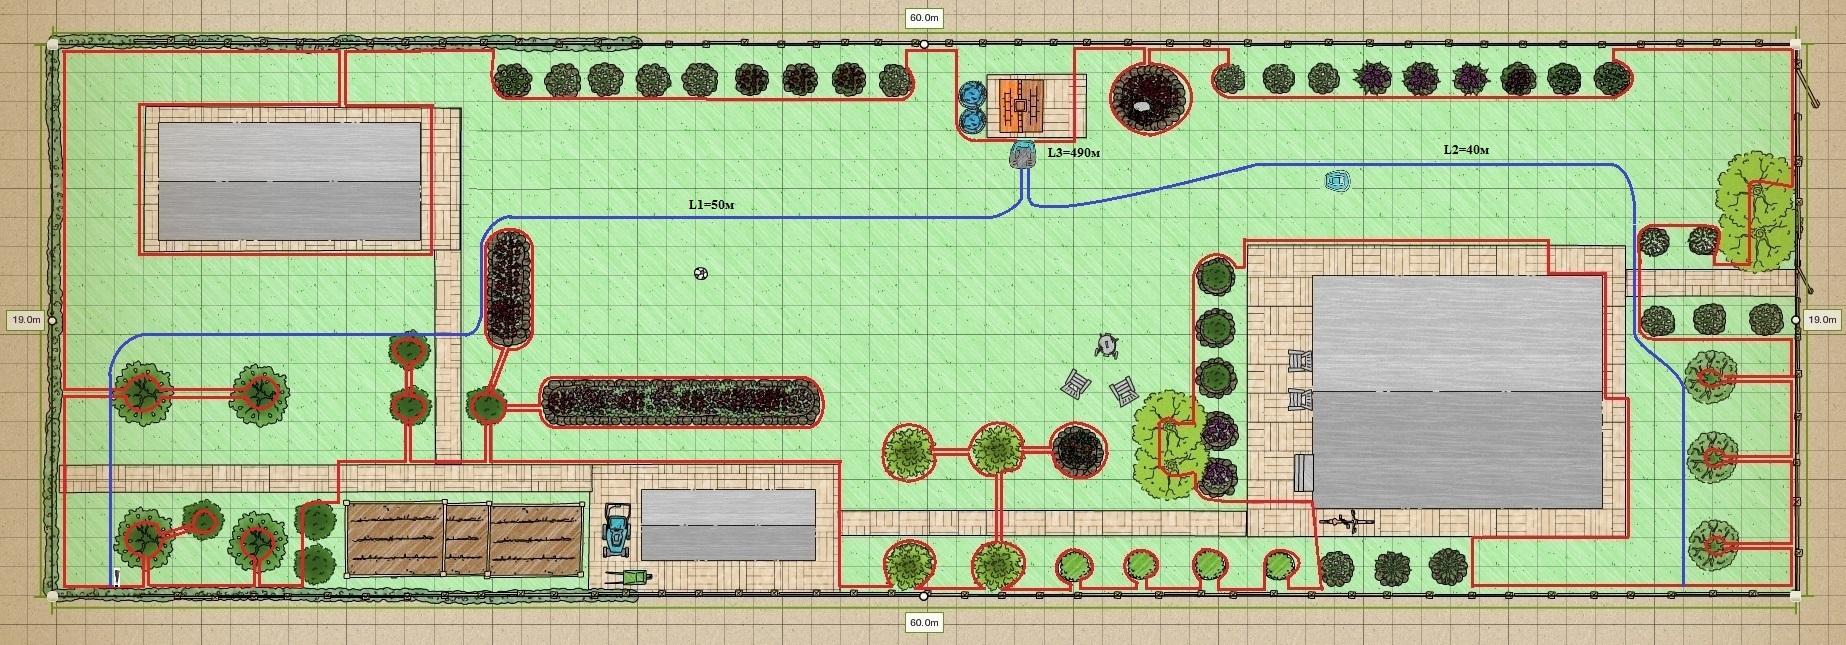 План укладки ограничительного и направляющего проводов для Husqvarna Automower 430x